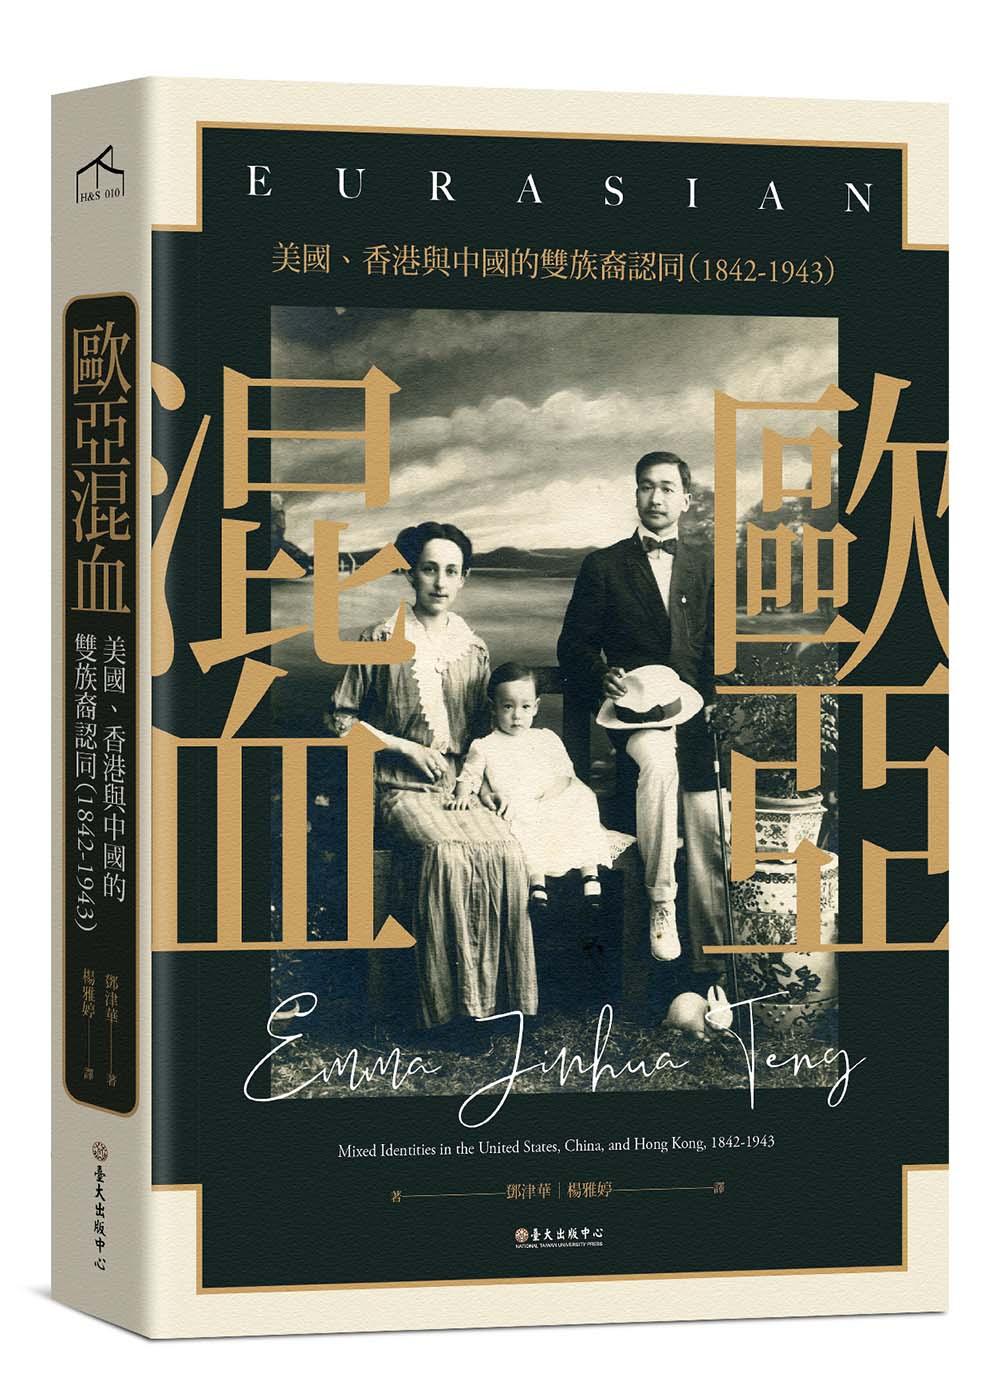 歐亞混血──美國、香港與中國的雙族裔認同(1842-1943)